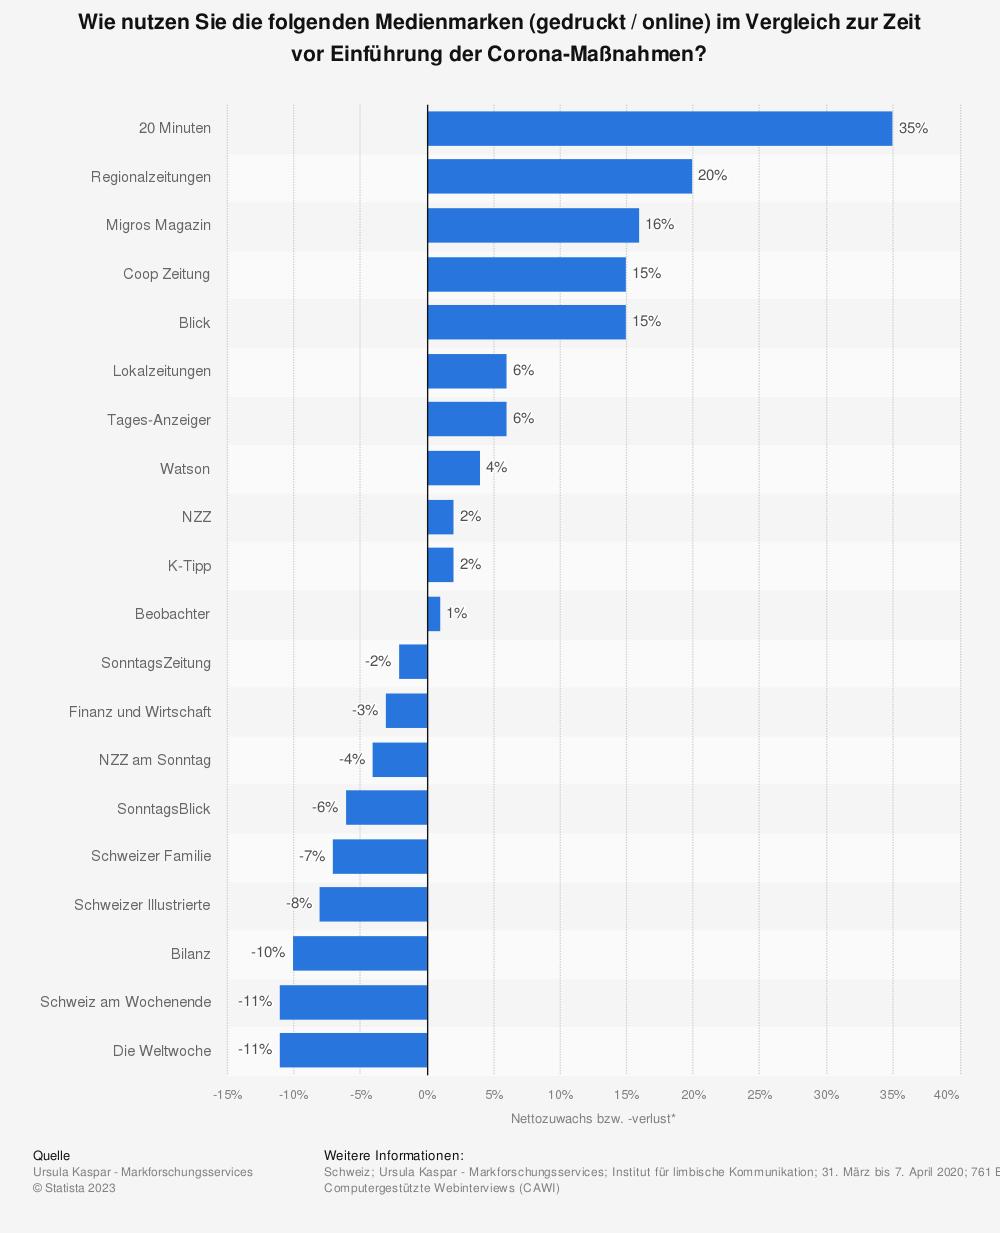 Statistik: Wie nutzen Sie die folgenden Medienmarken (gedruckt / online) im Vergleich zur Zeit vor Einführung der Corona-Maßnahmen? | Statista